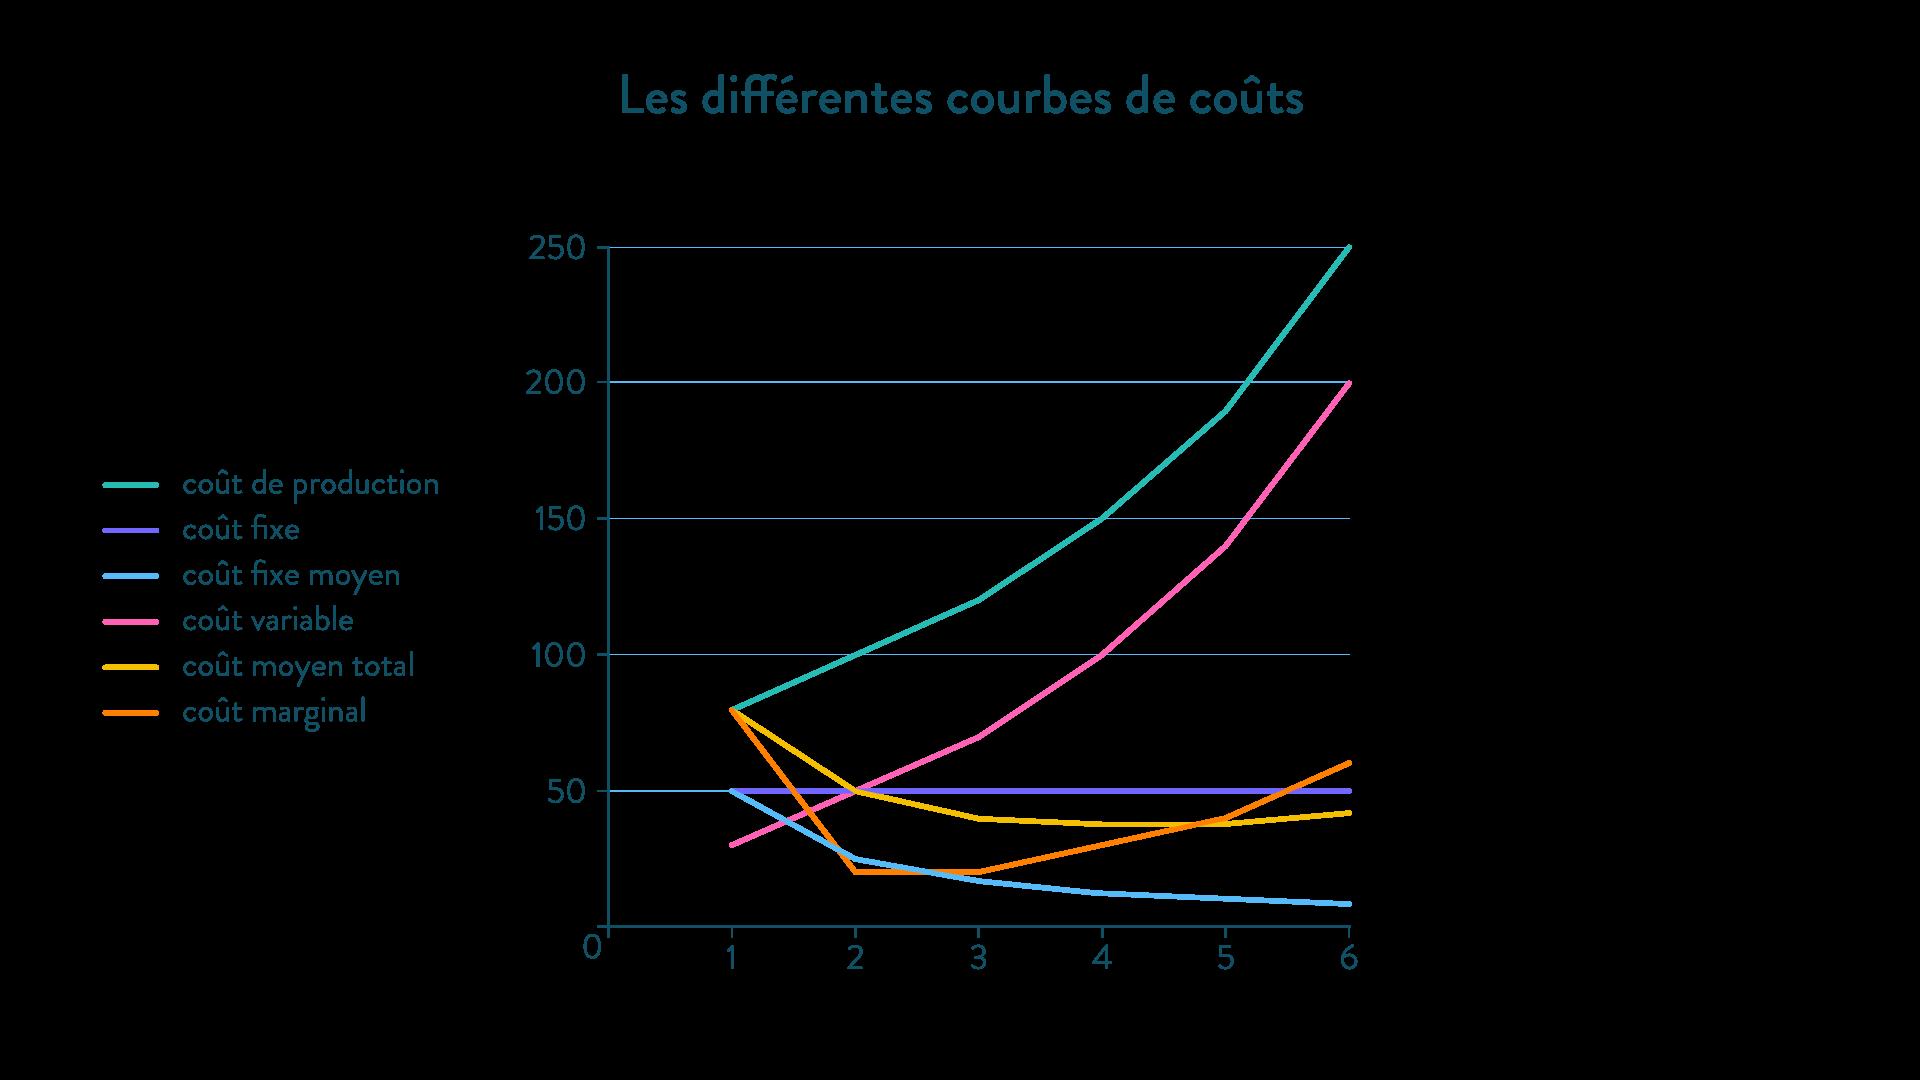 les courbes de coûts méthode ses